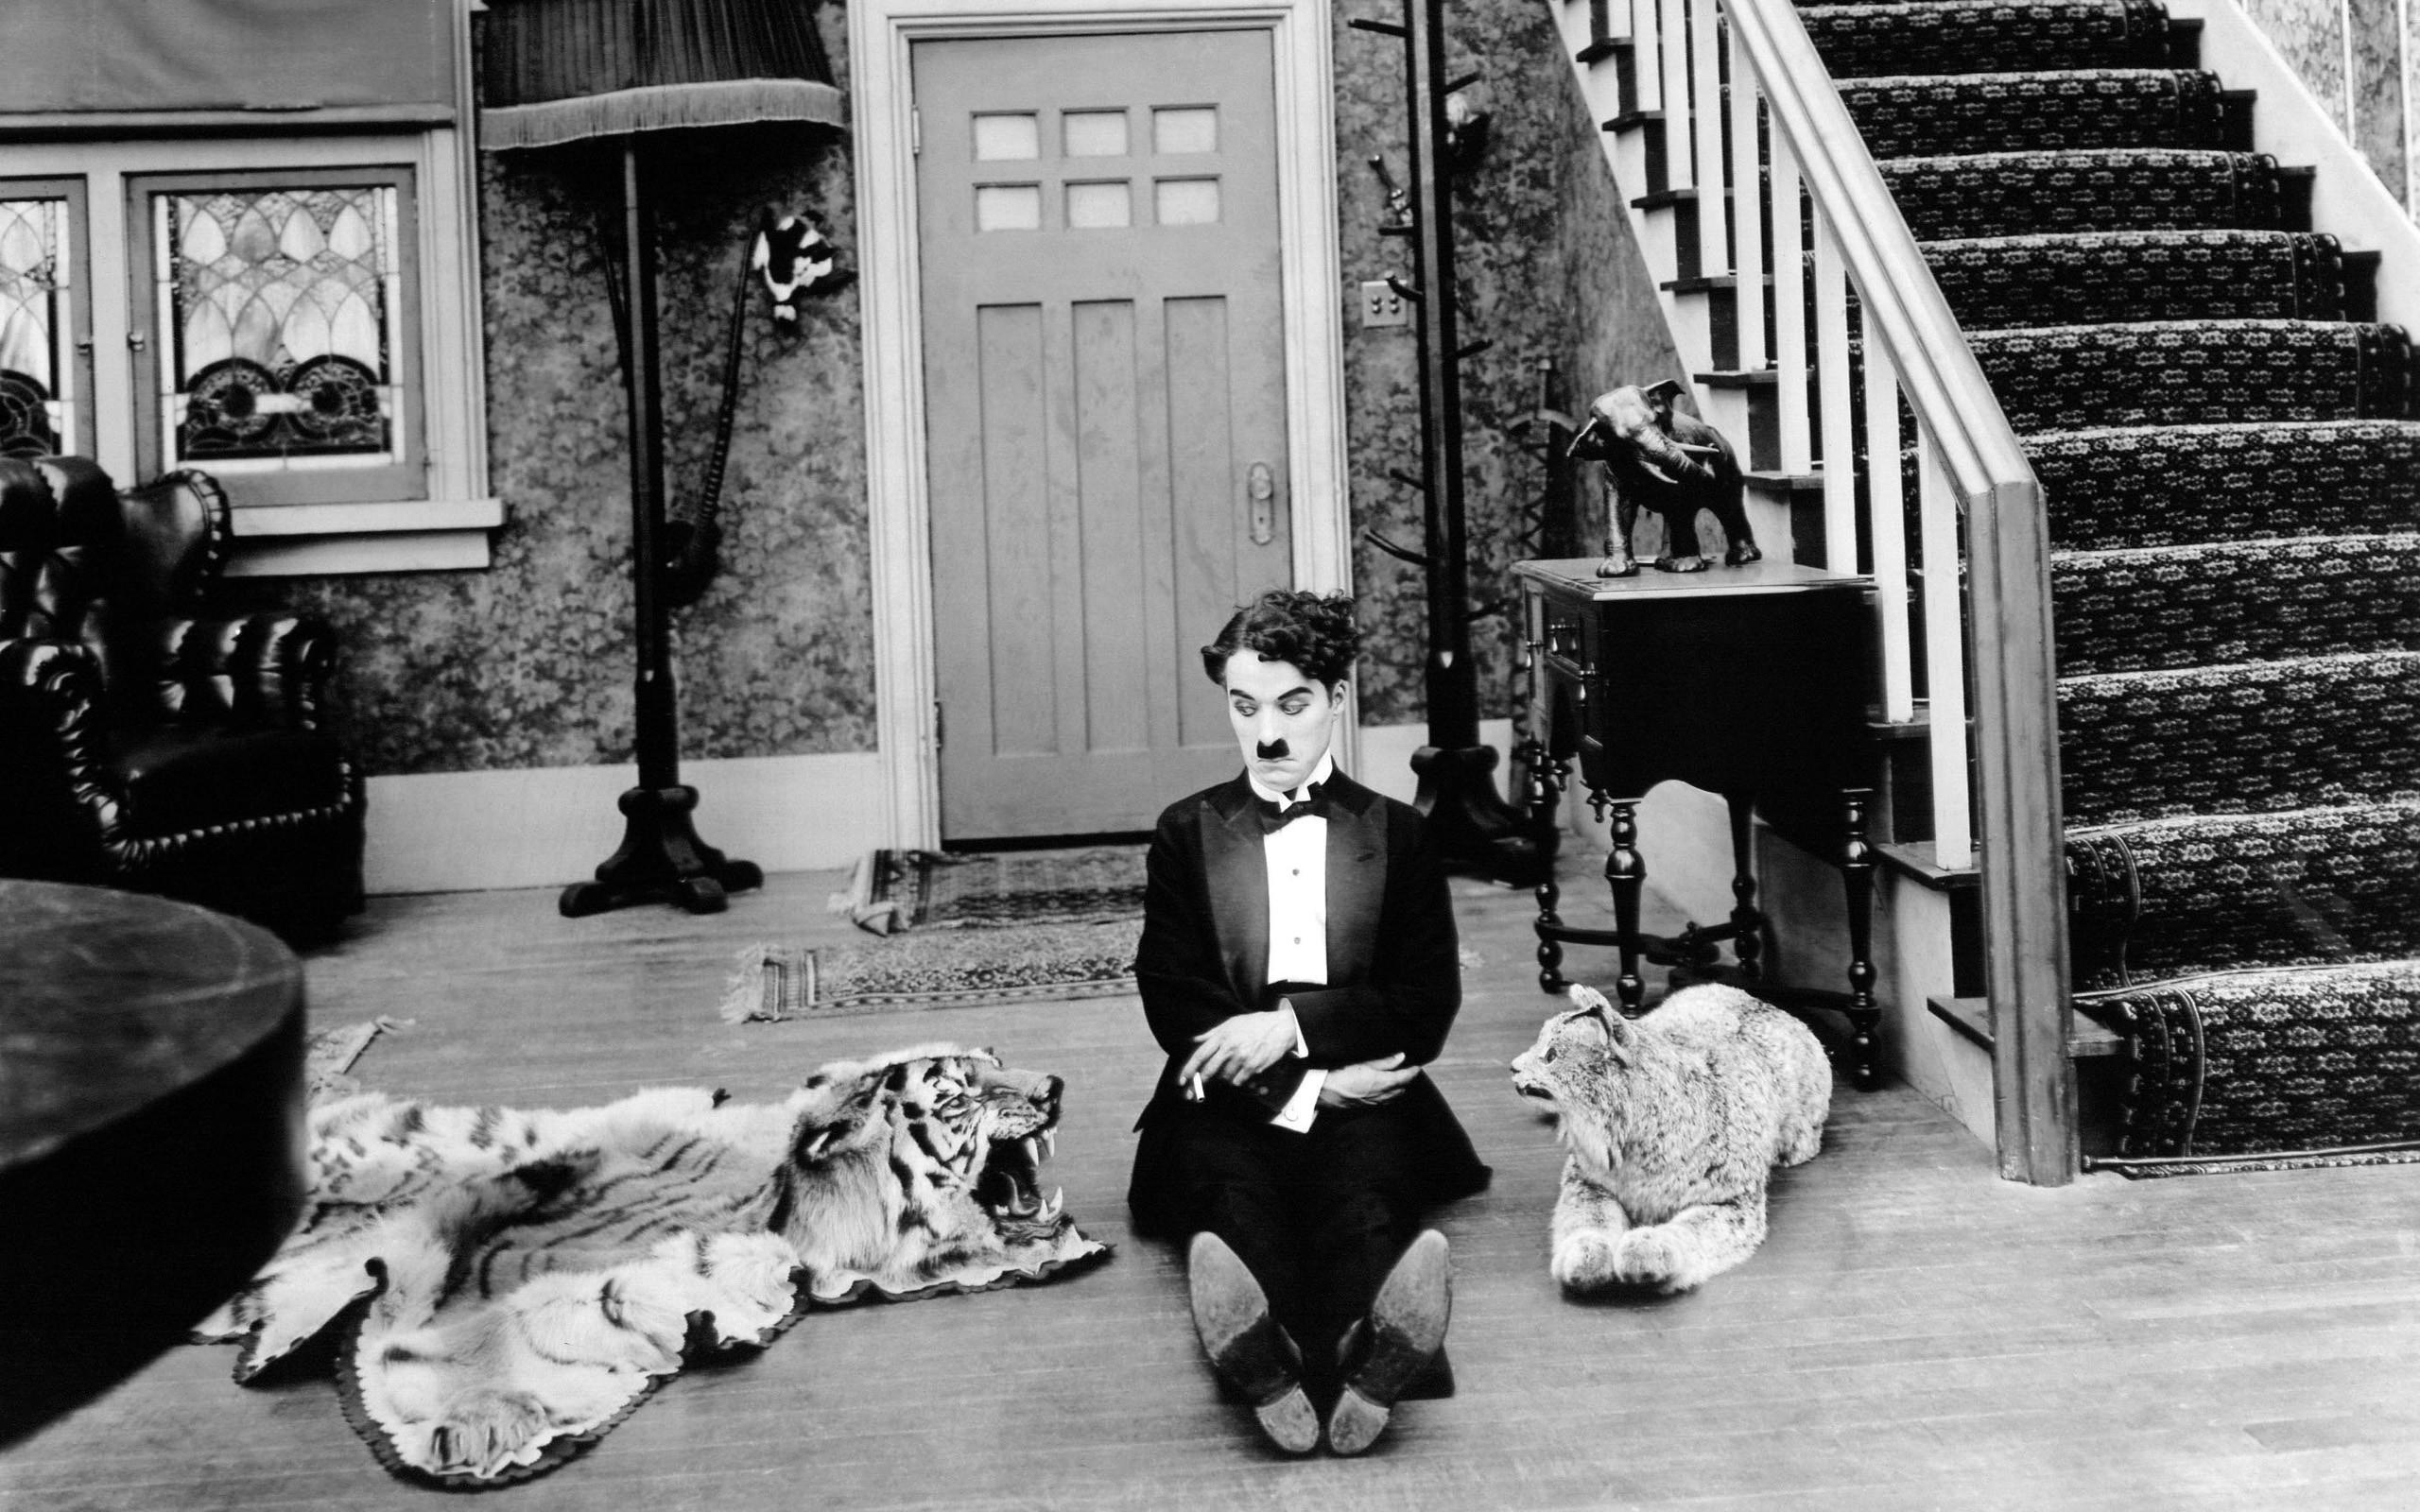 Черно белые картинки из кино